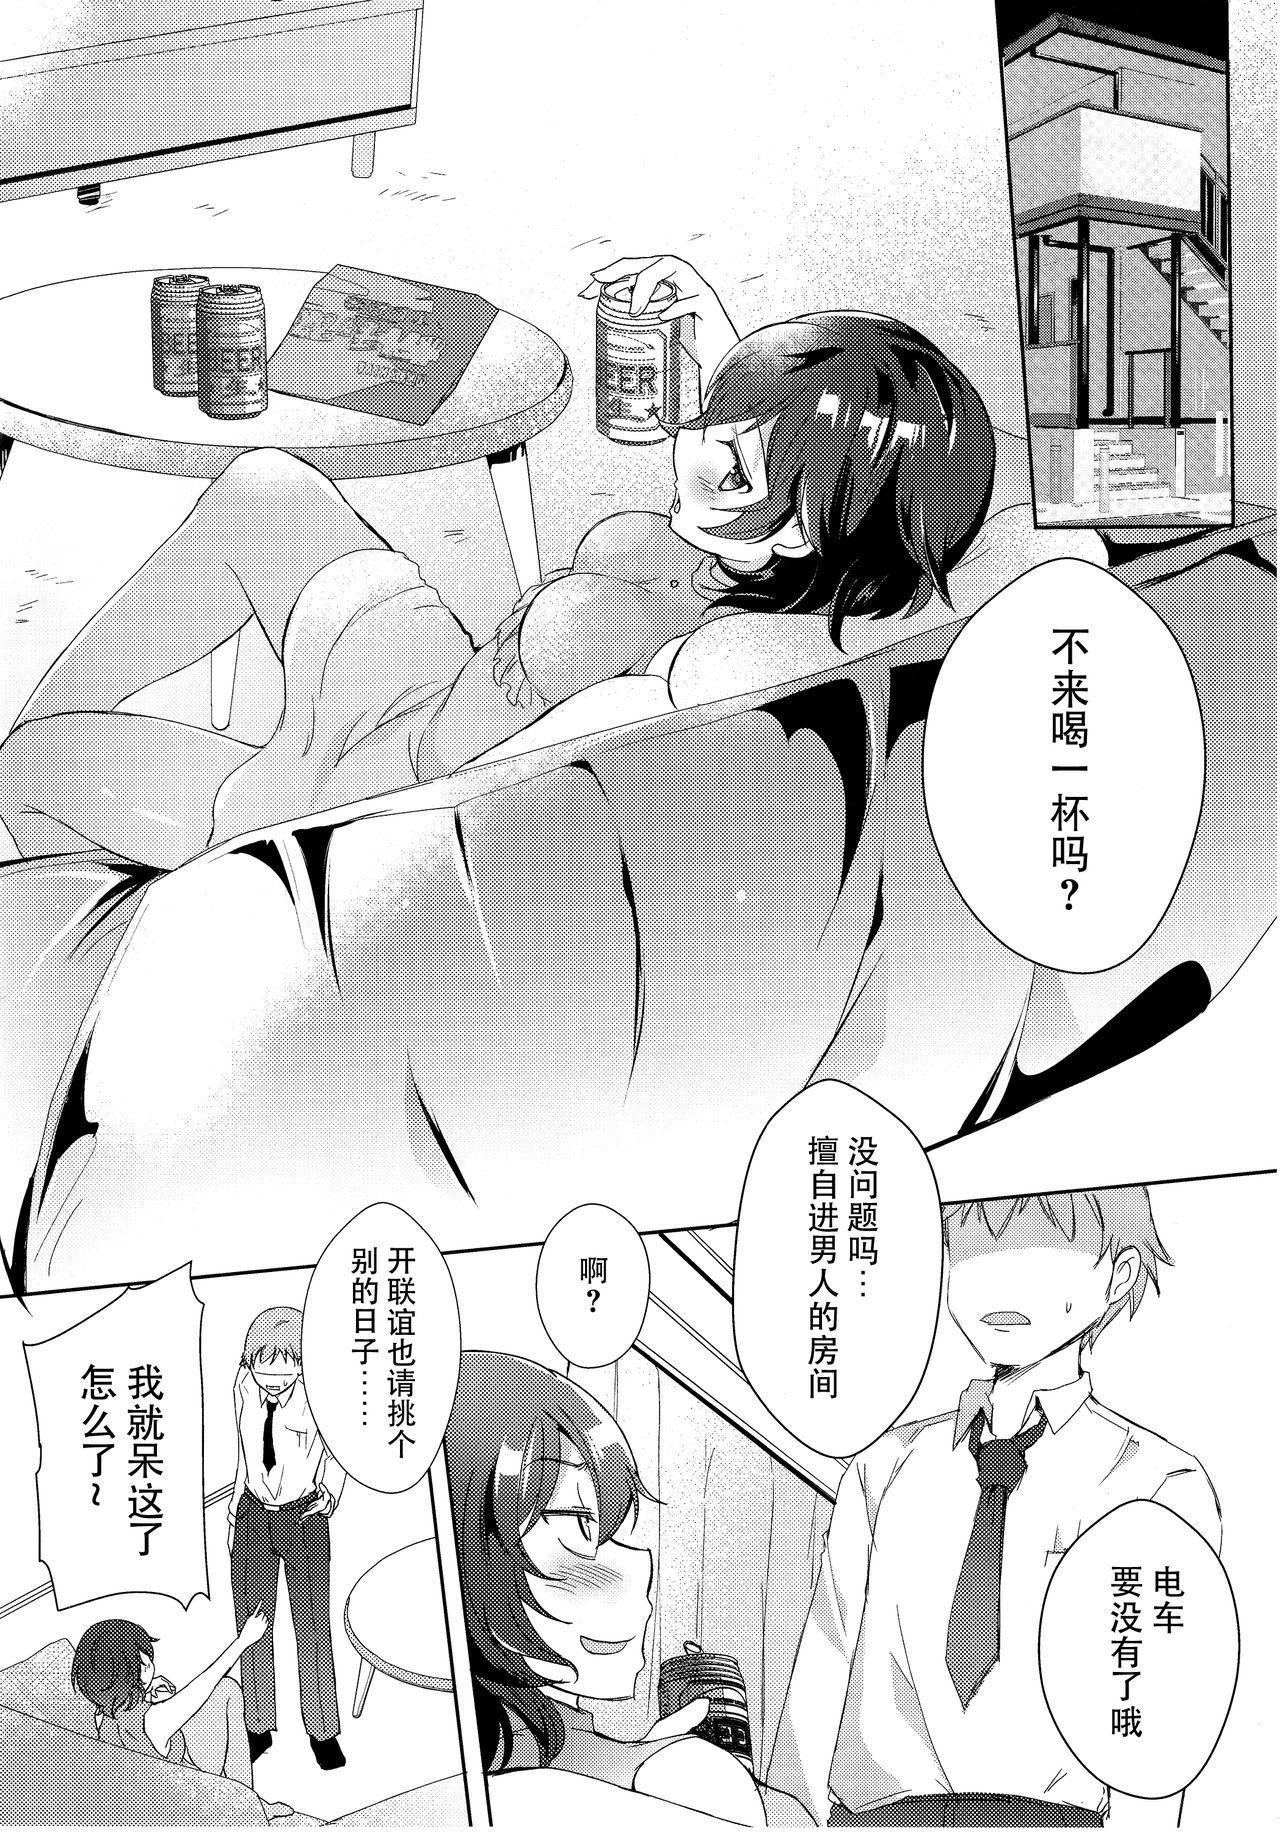 Takako 28-sai Shojo desu 3